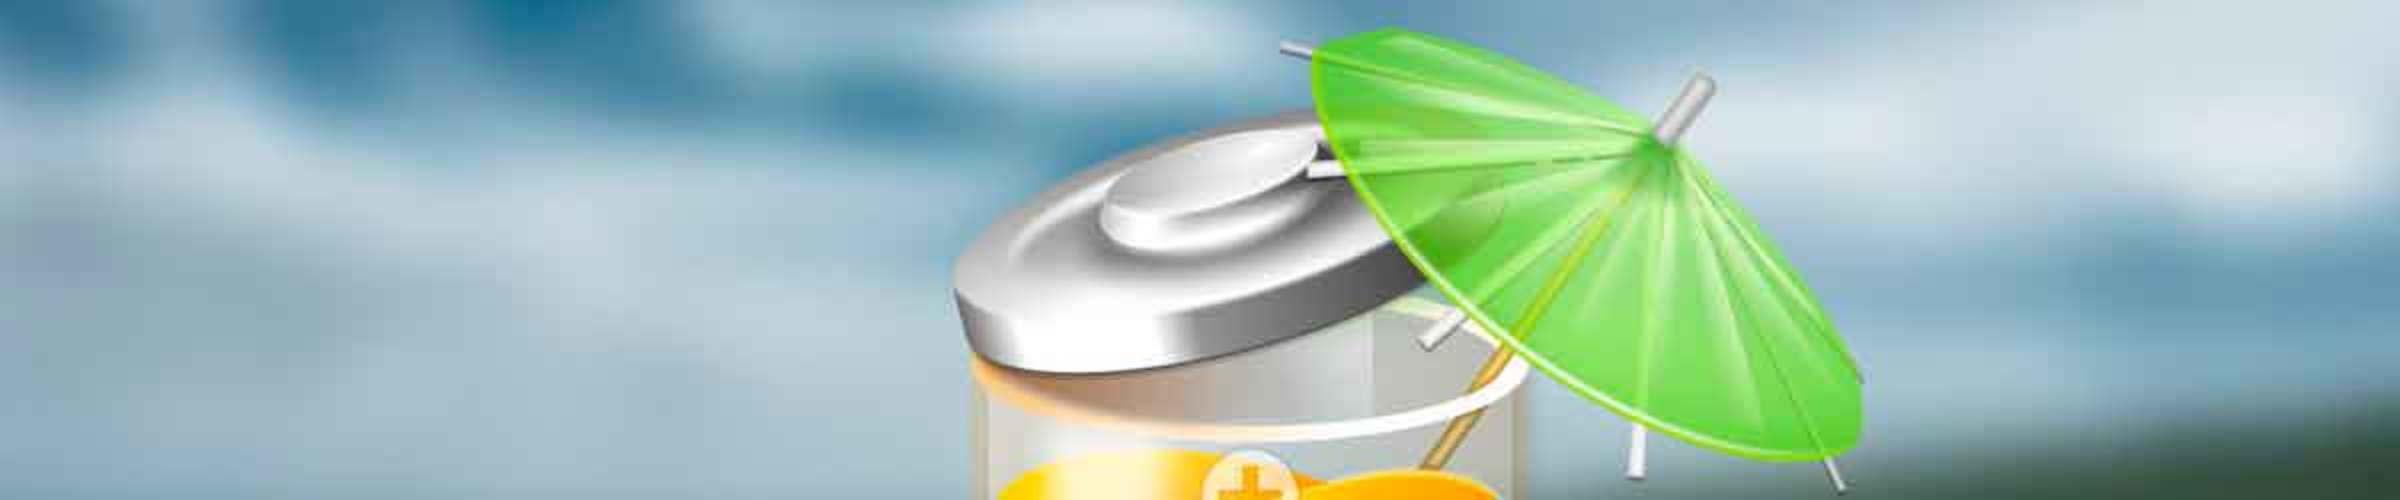 Как проверить батарею на Айфоне: Уровень износа, циклы и оставшаяся емкость АКБ